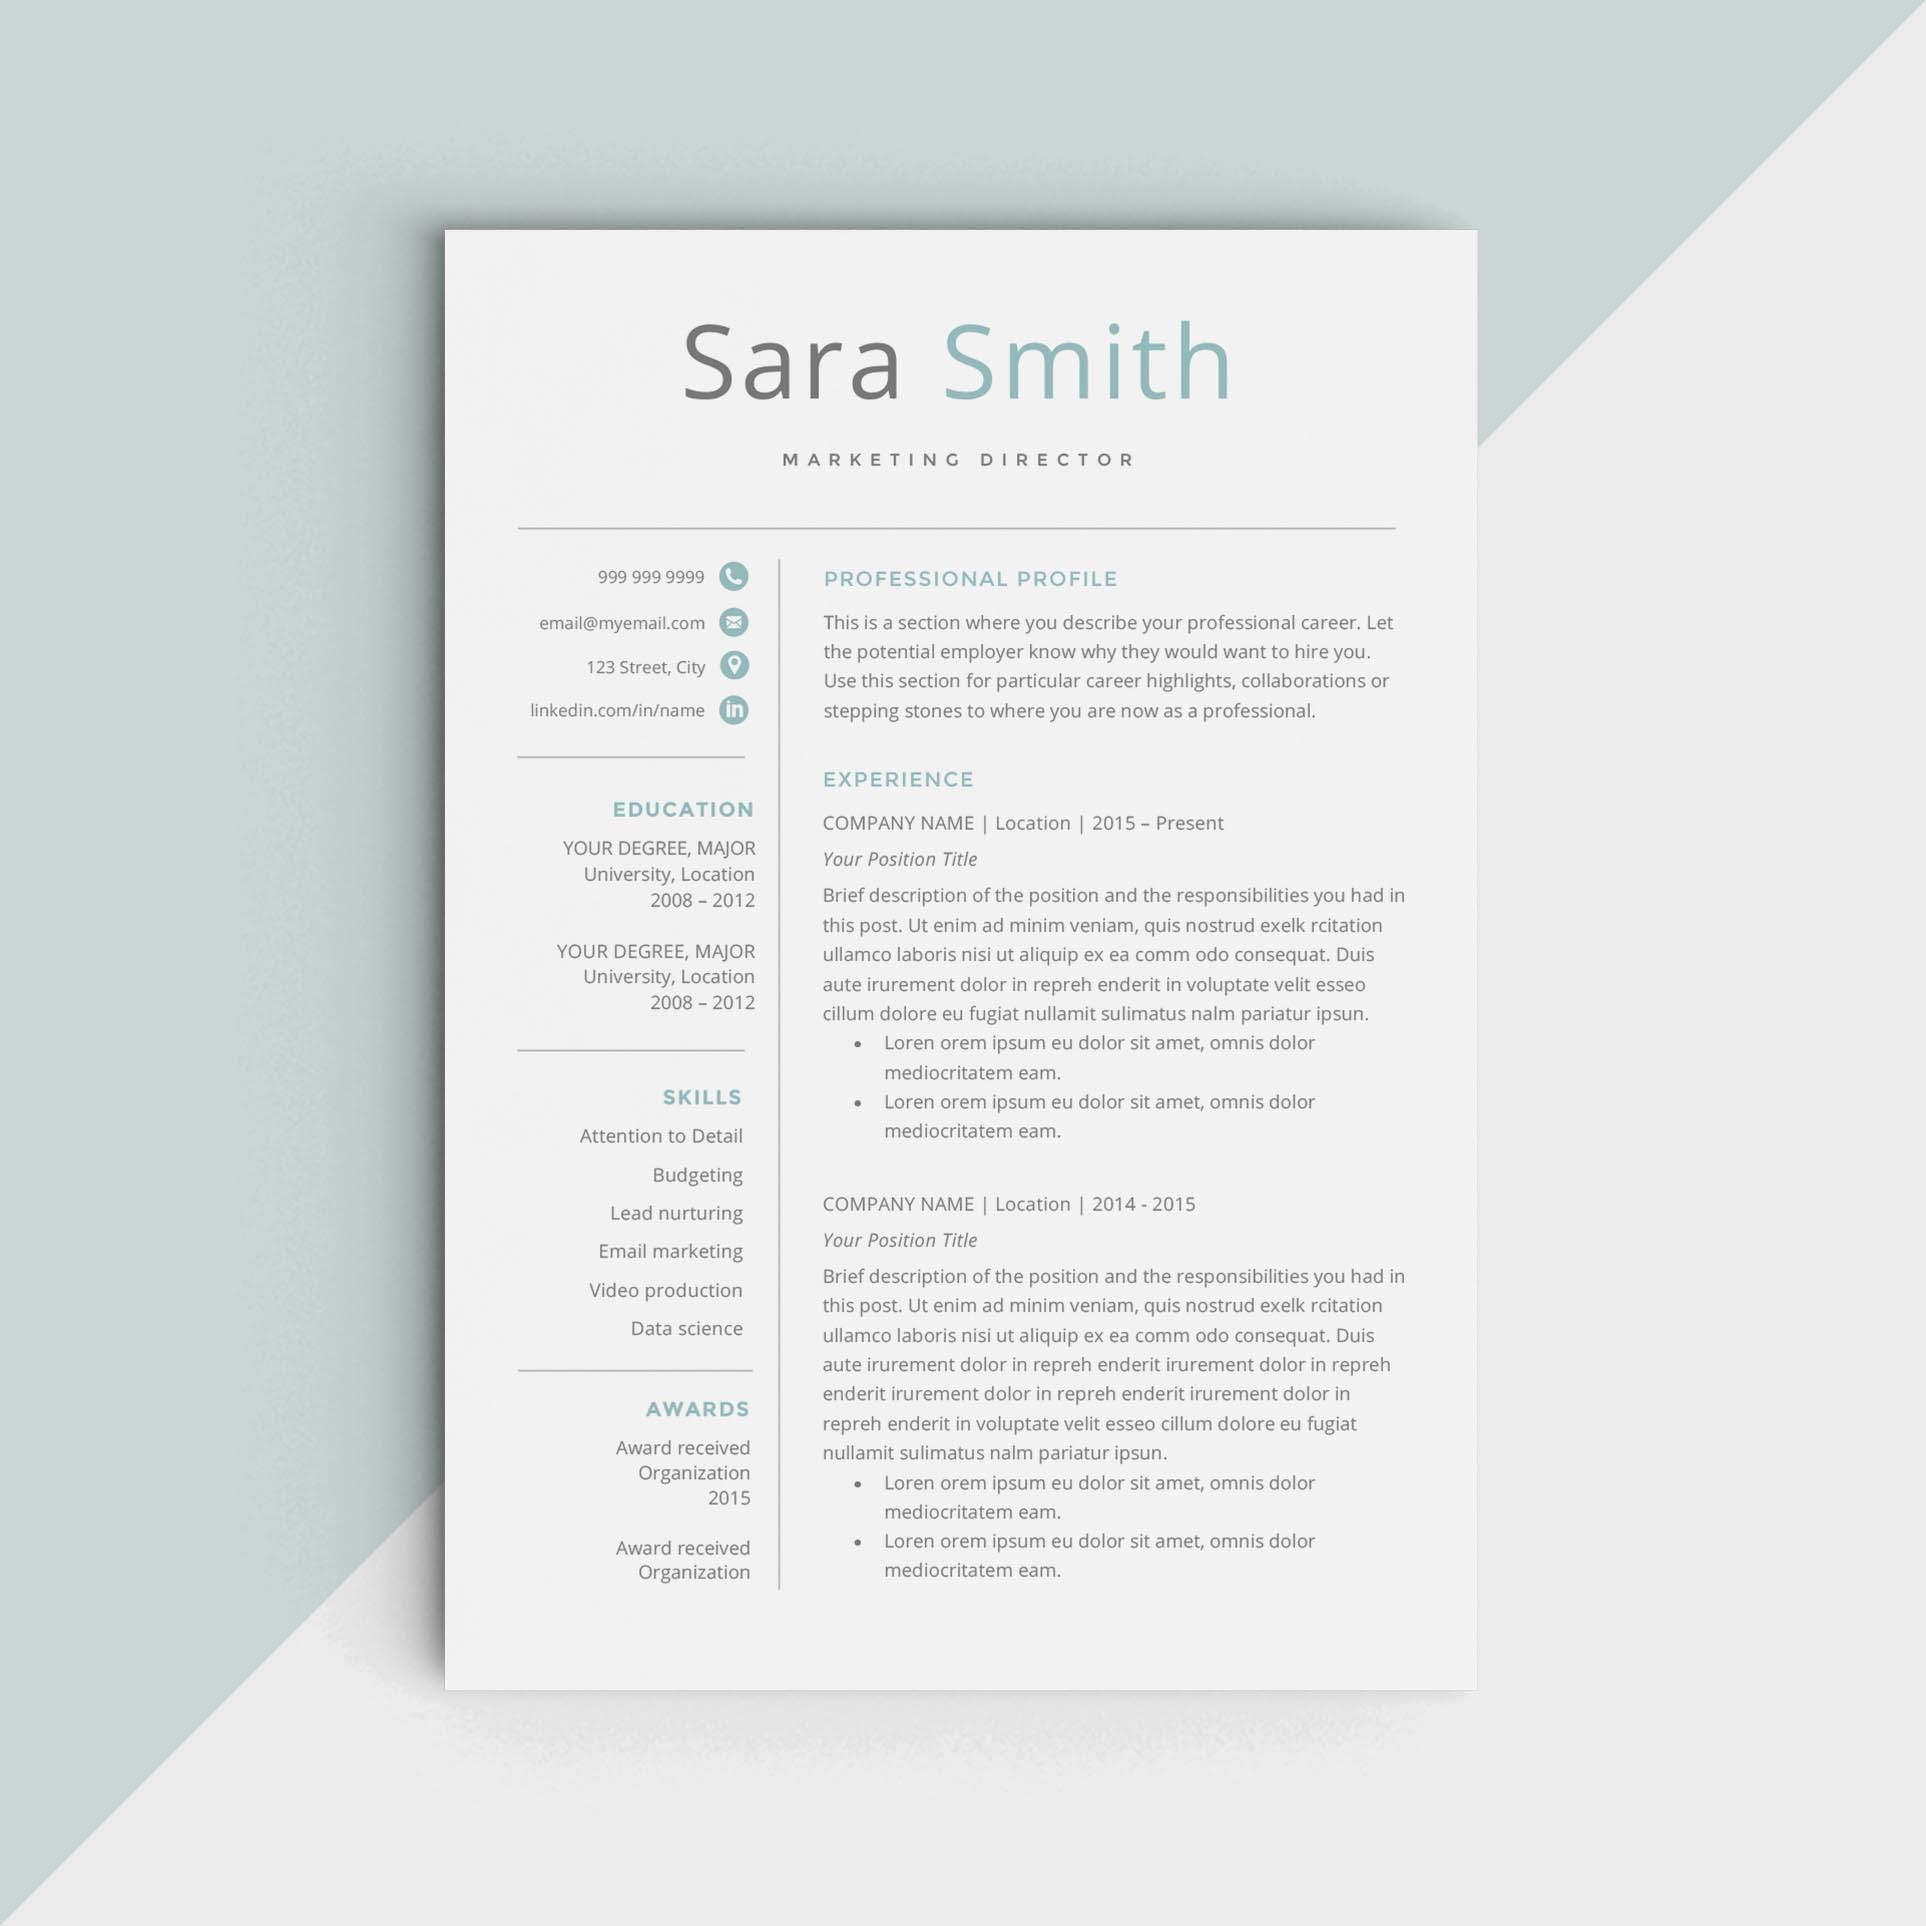 Kreative Lebenslauf Vorlage kreative CV für Microsoft Word